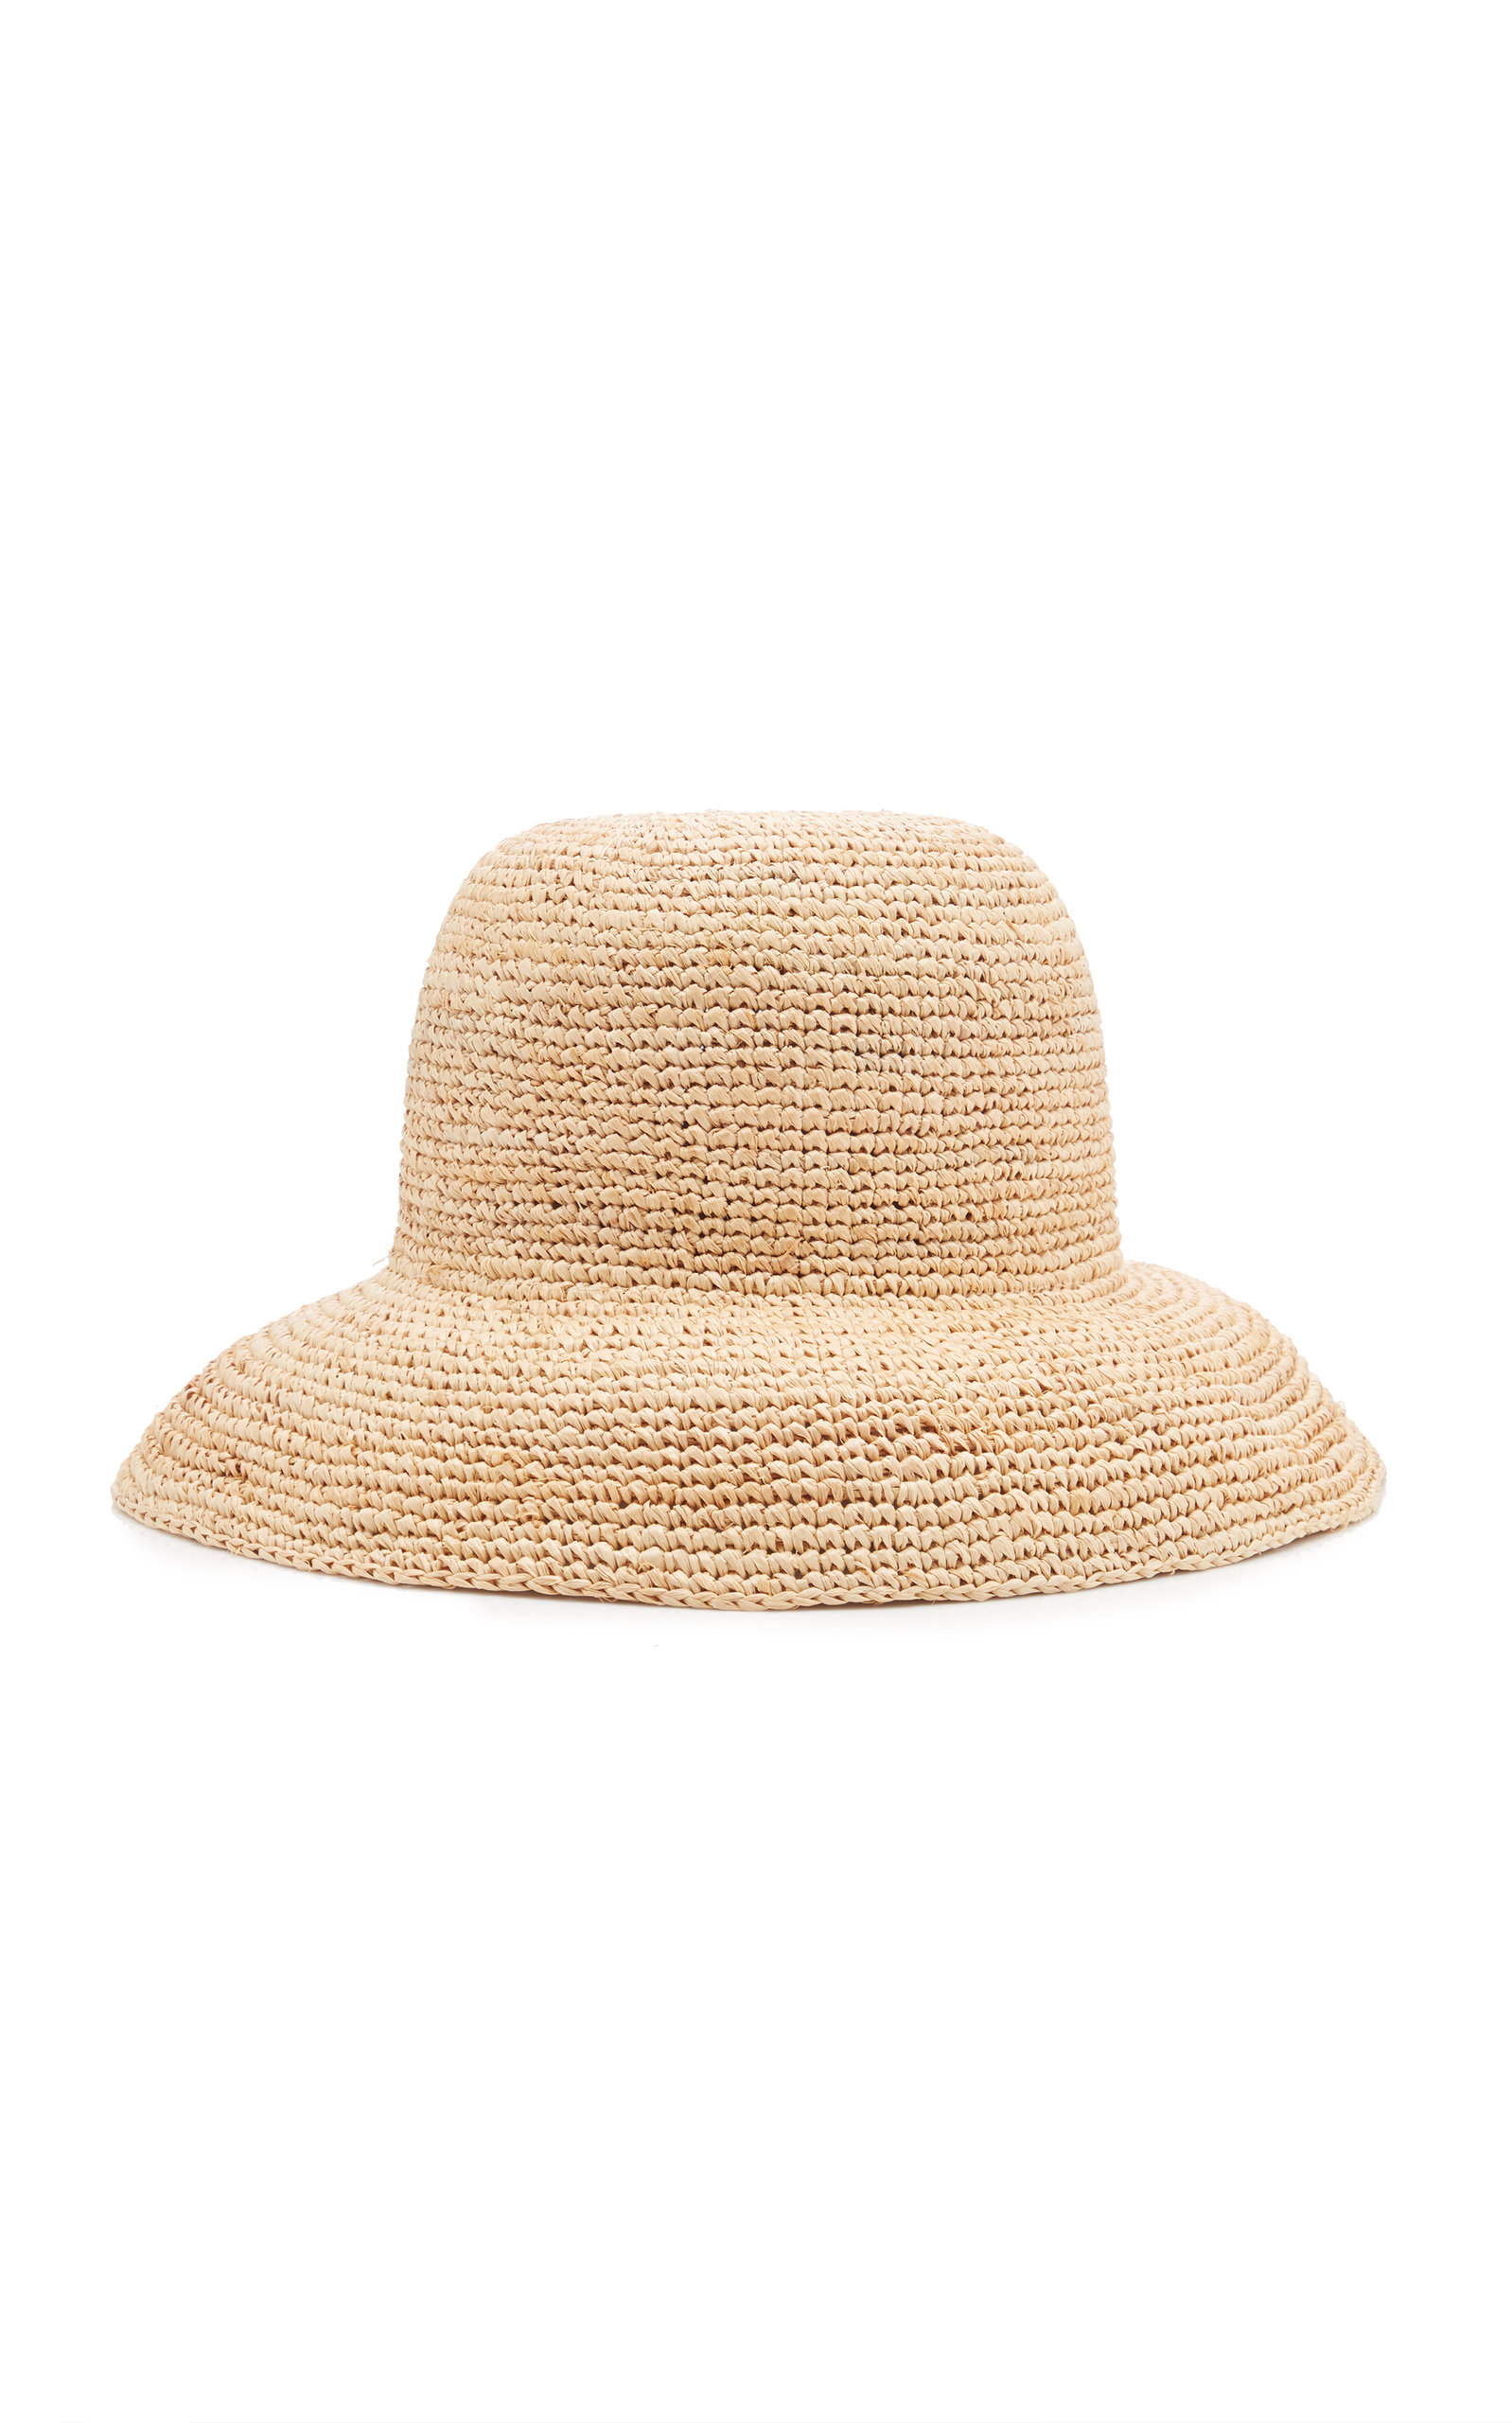 Women's Raffia Cruiser Hat